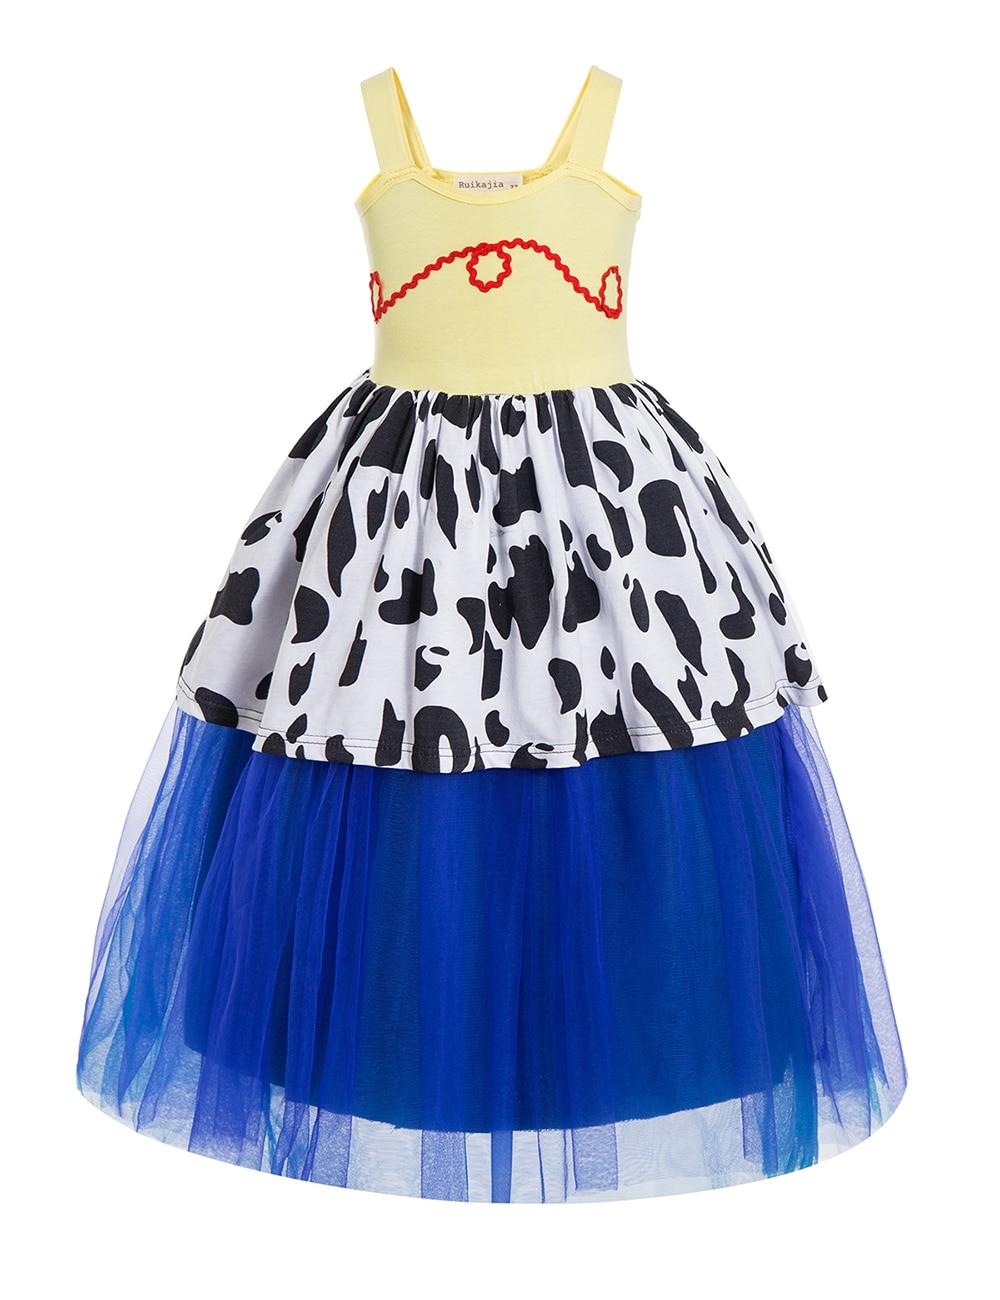 Jessie tutu dress (2)